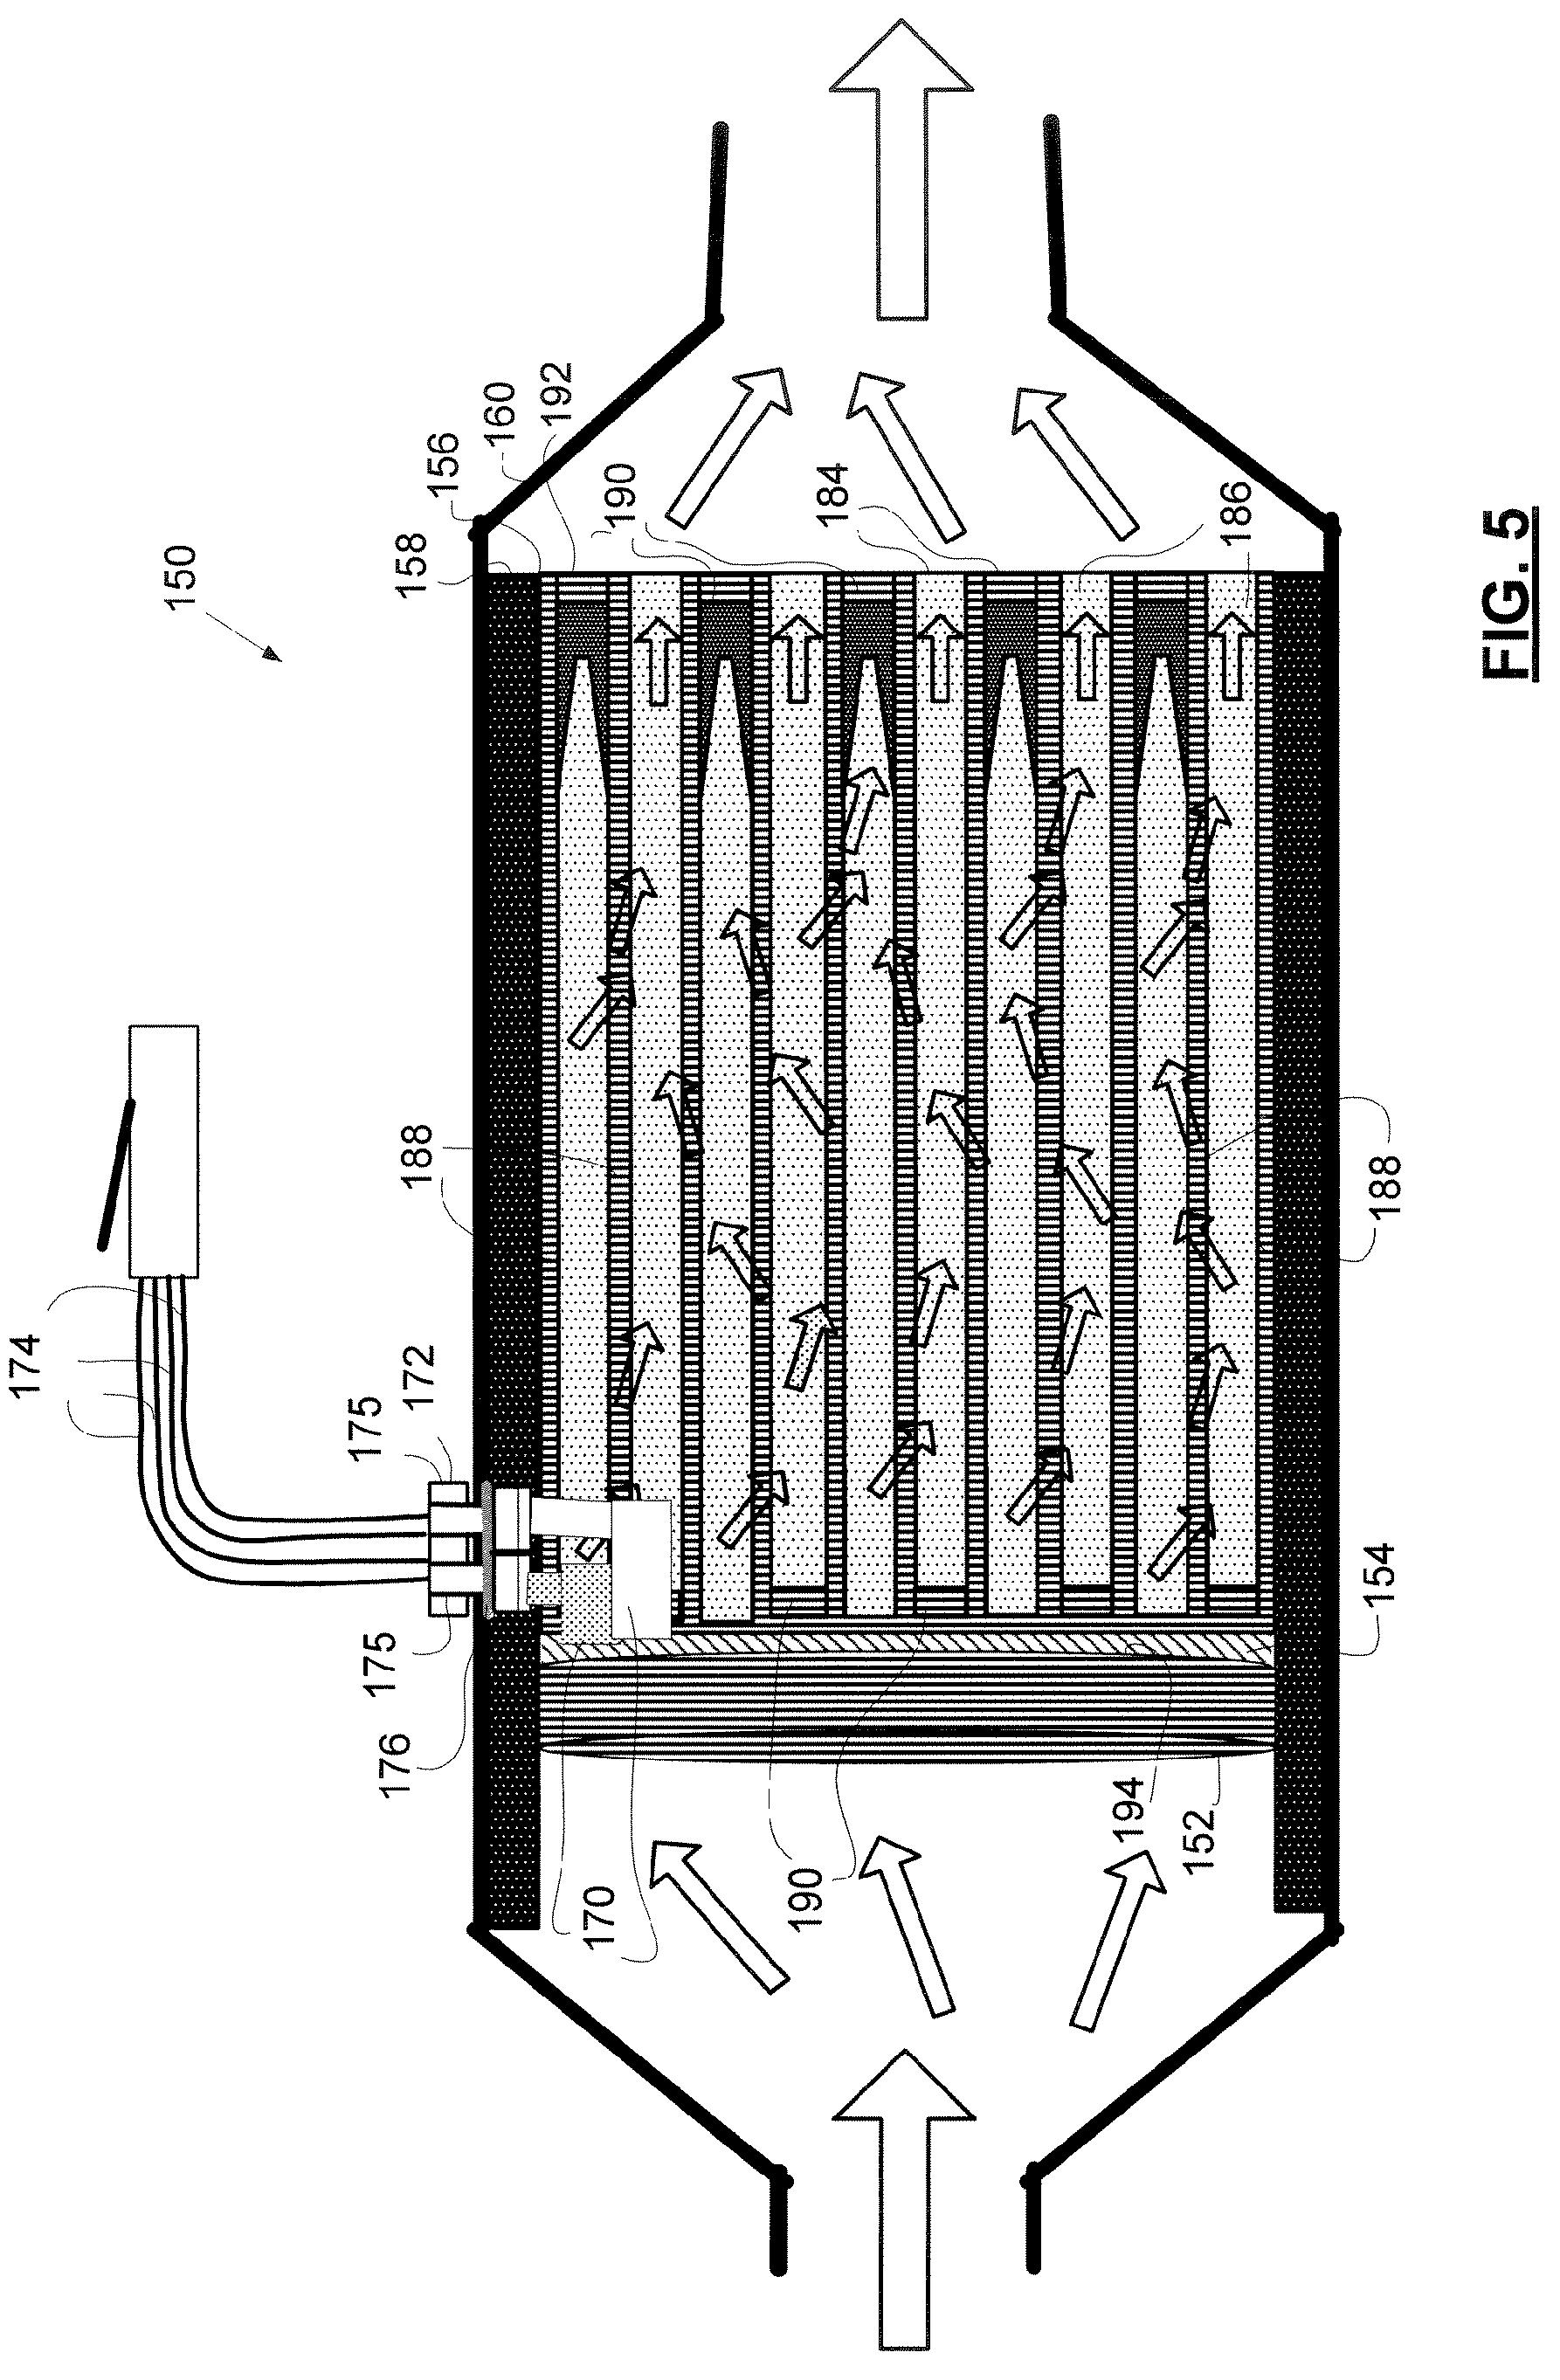 patent us7862635